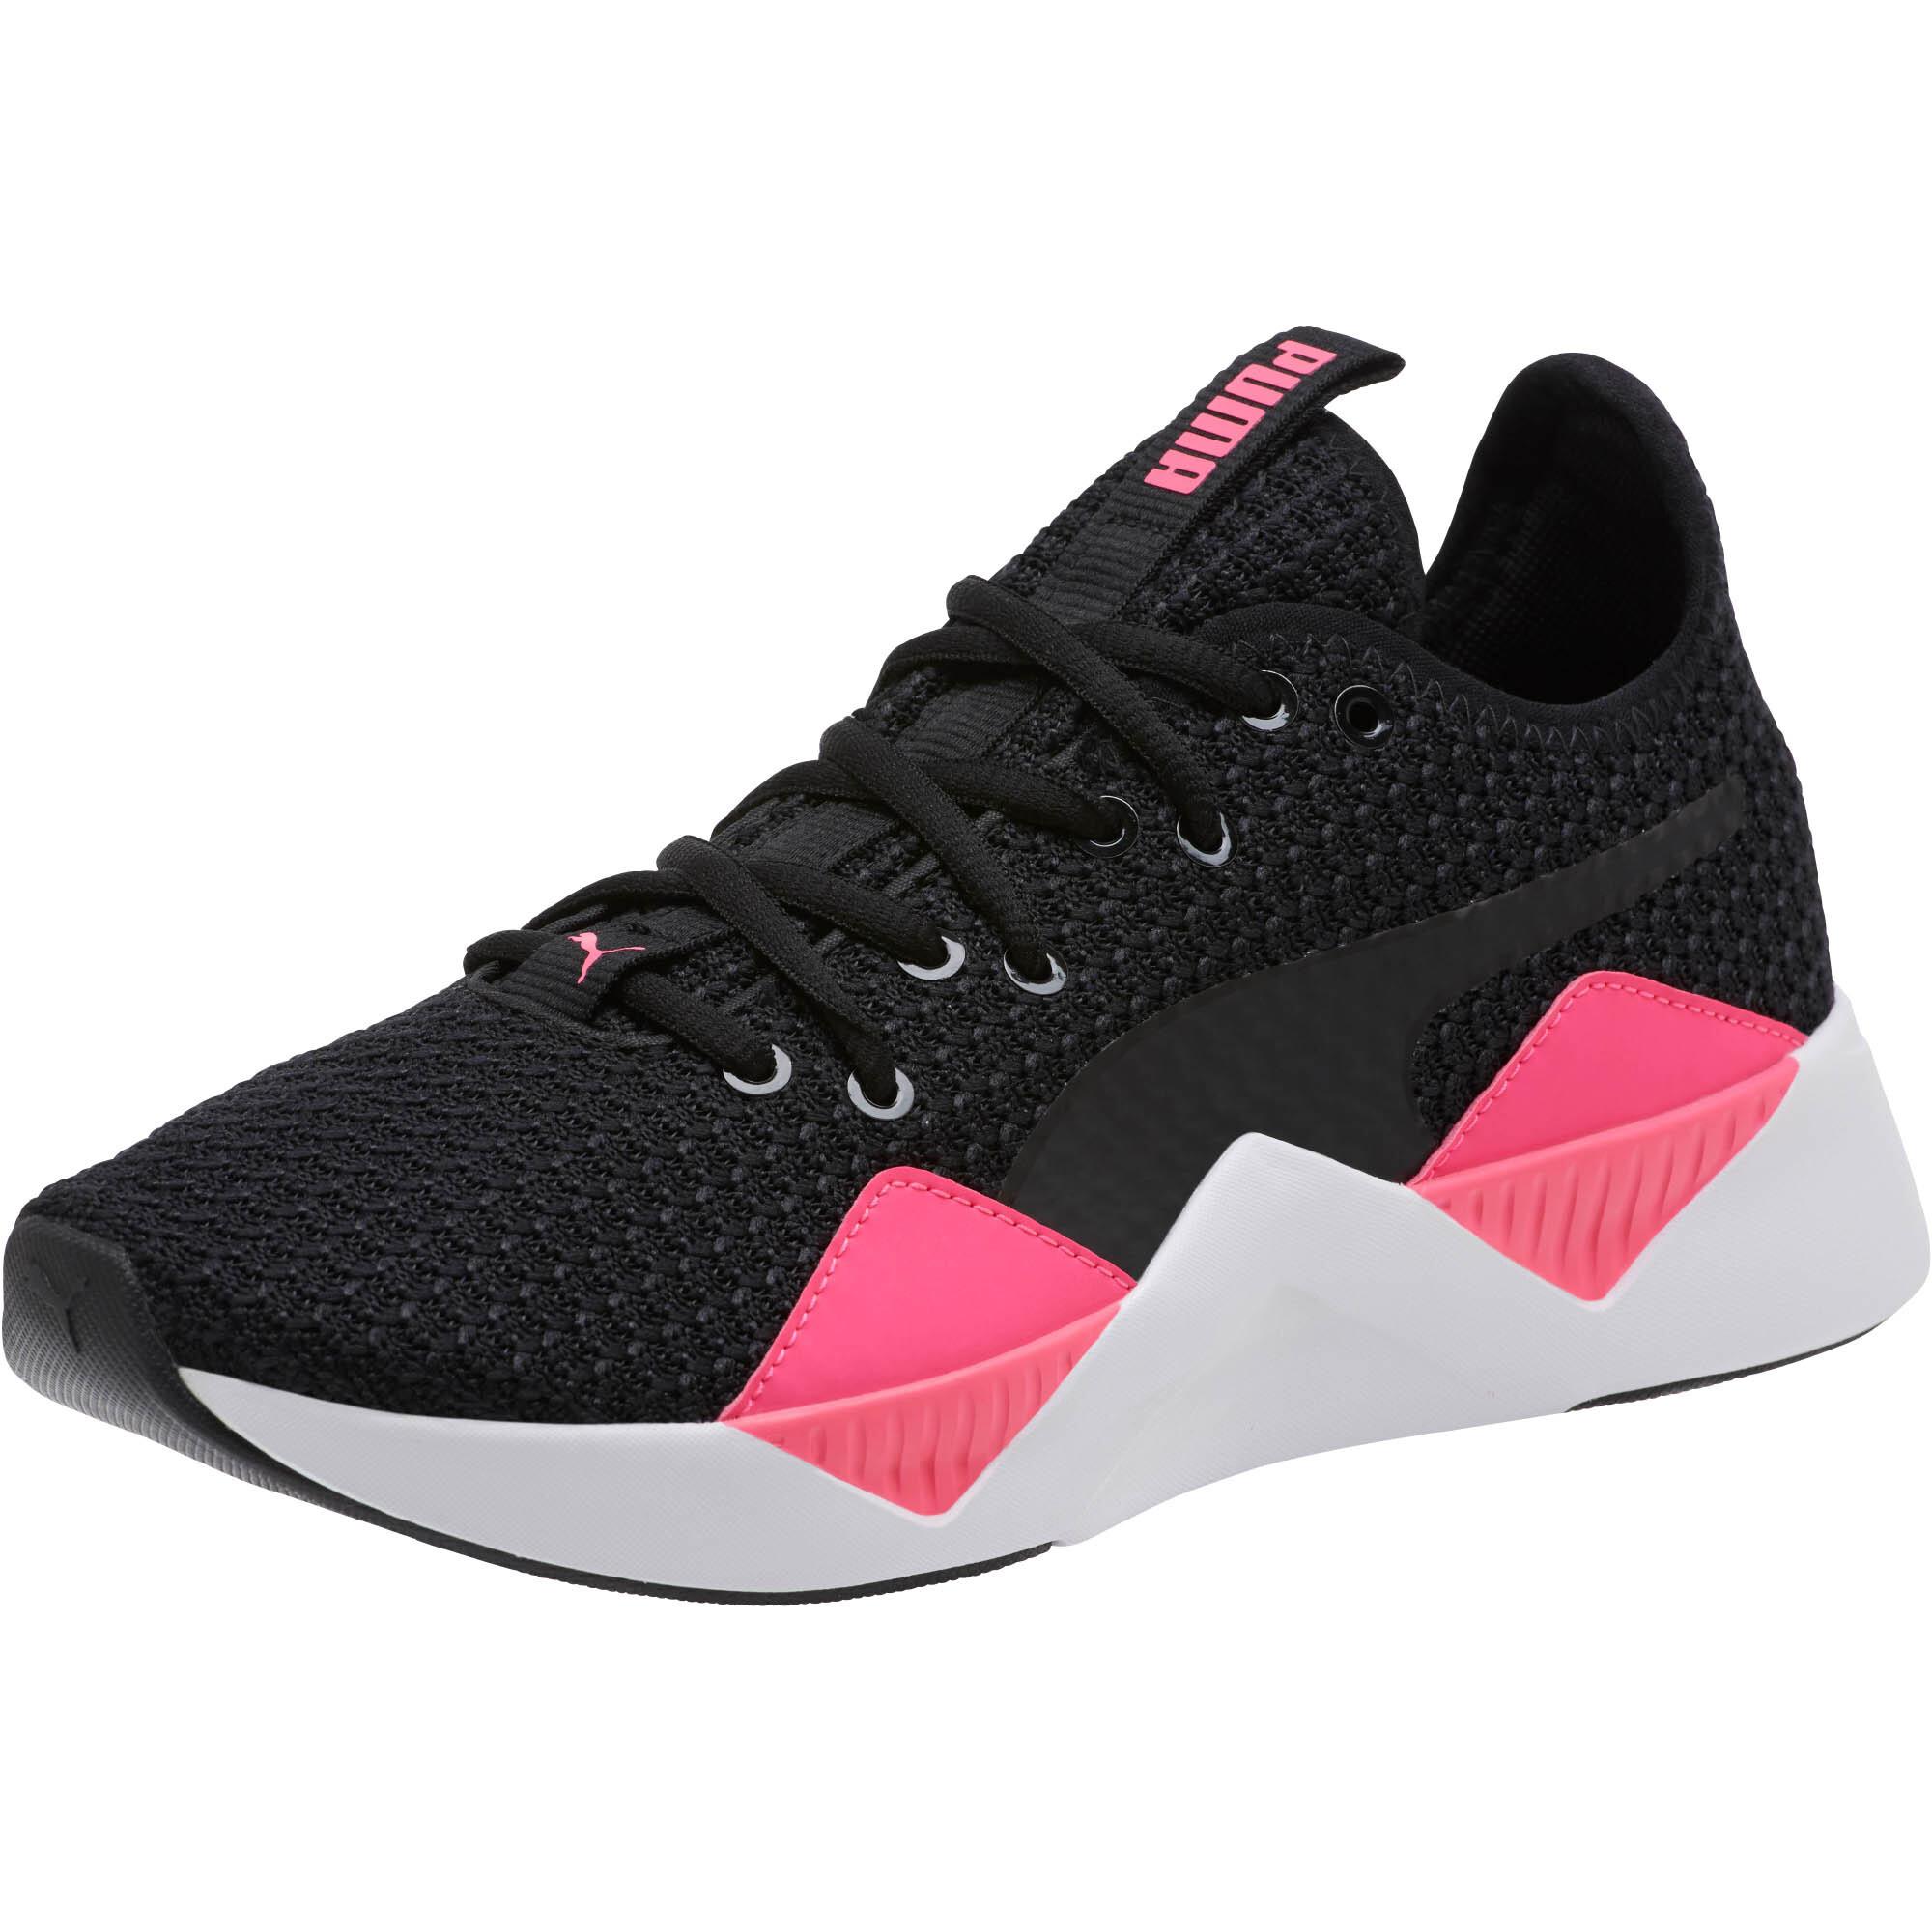 PUMA-Incite-FS-Women-039-s-Training-Shoes-Women-Shoe-Training thumbnail 21